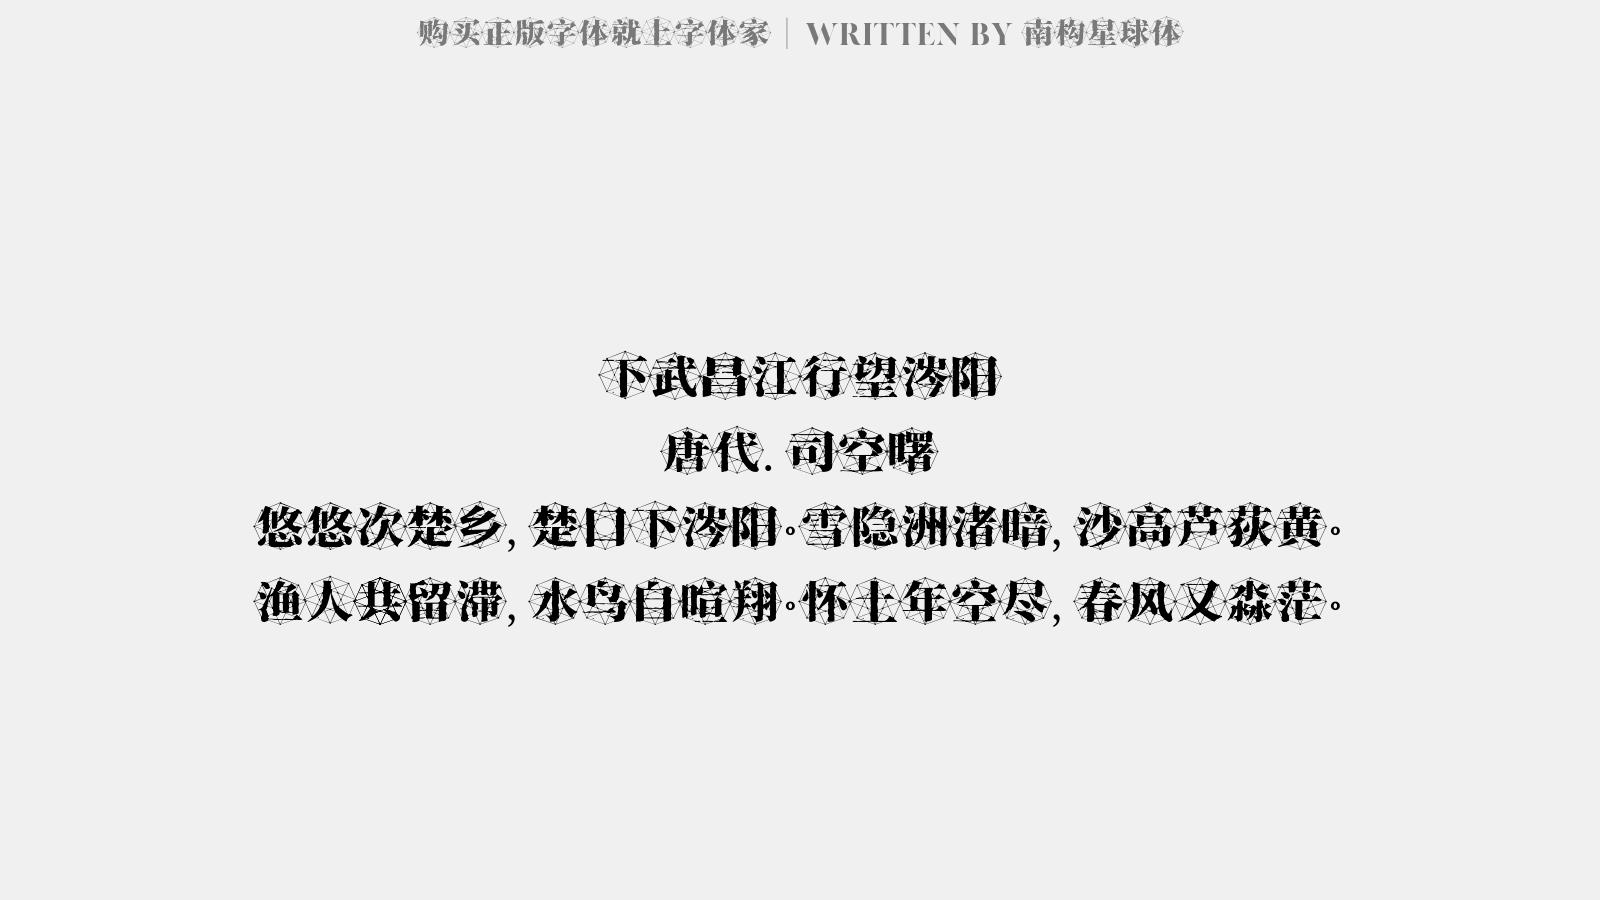 南構星球體 - 下武昌江行望涔陽